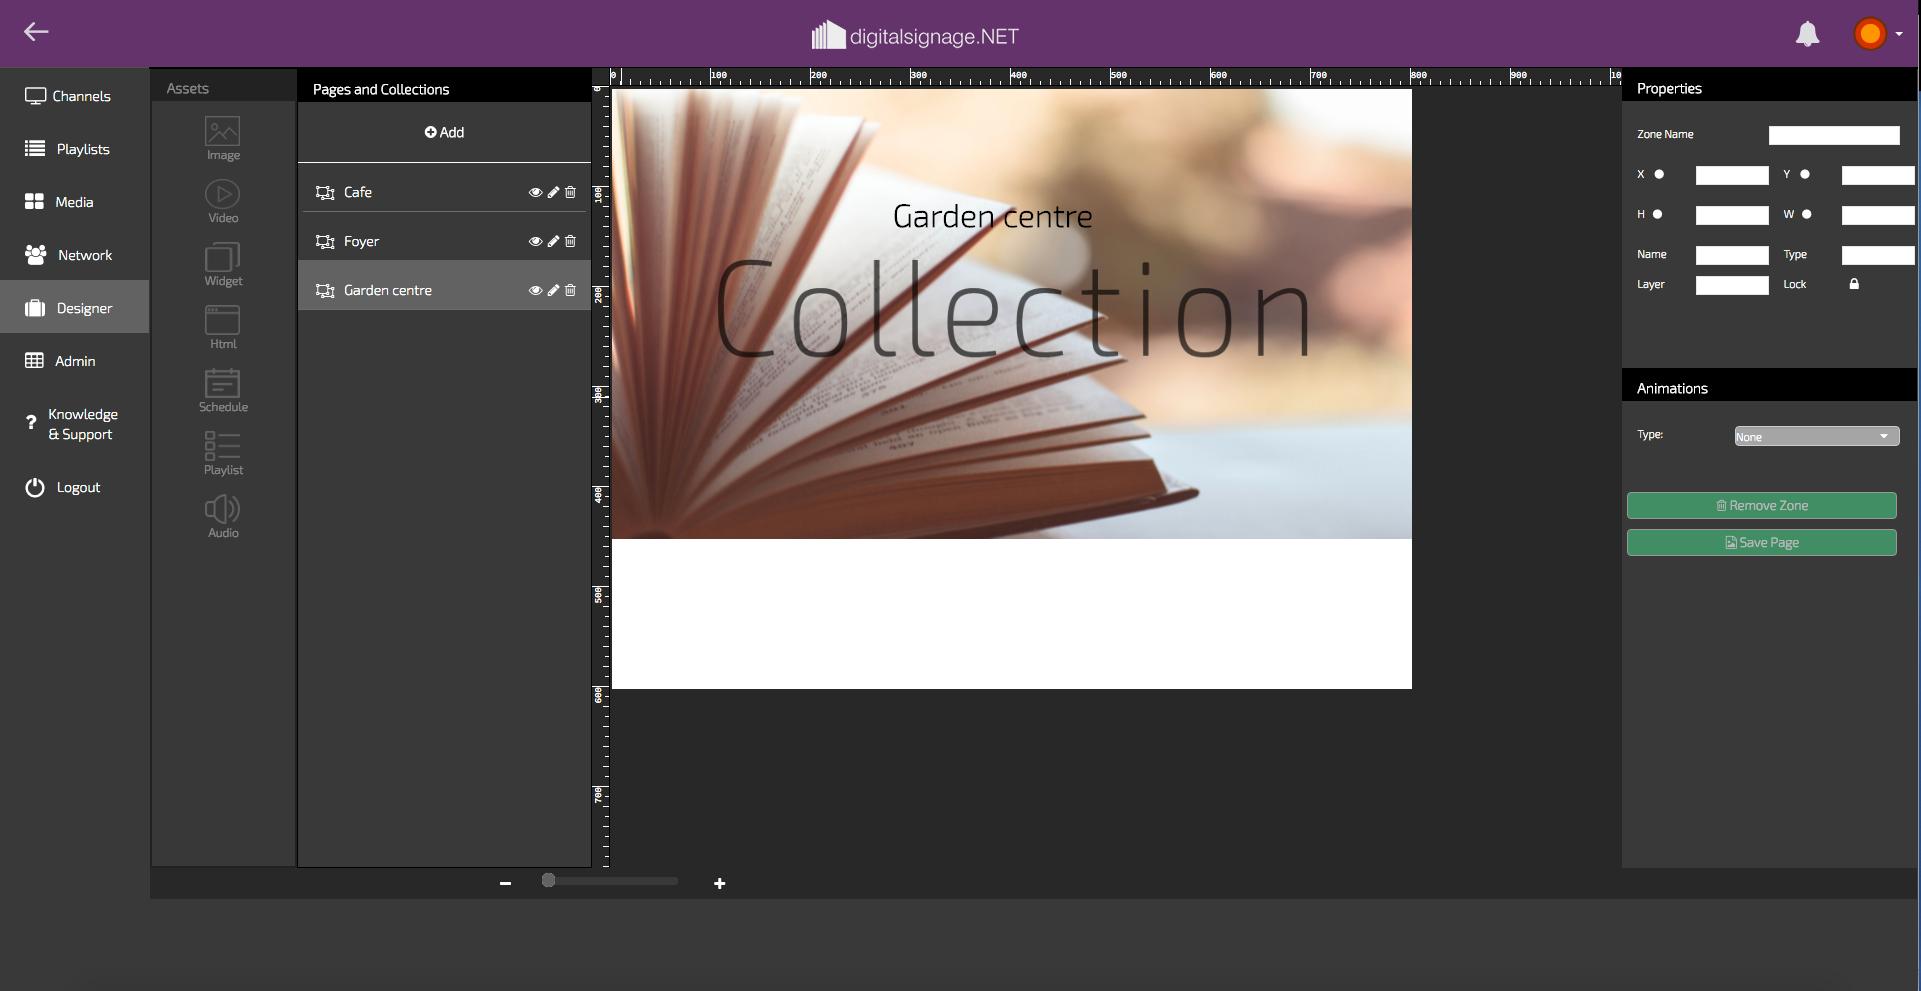 digitalsignage.net core-editon-designer